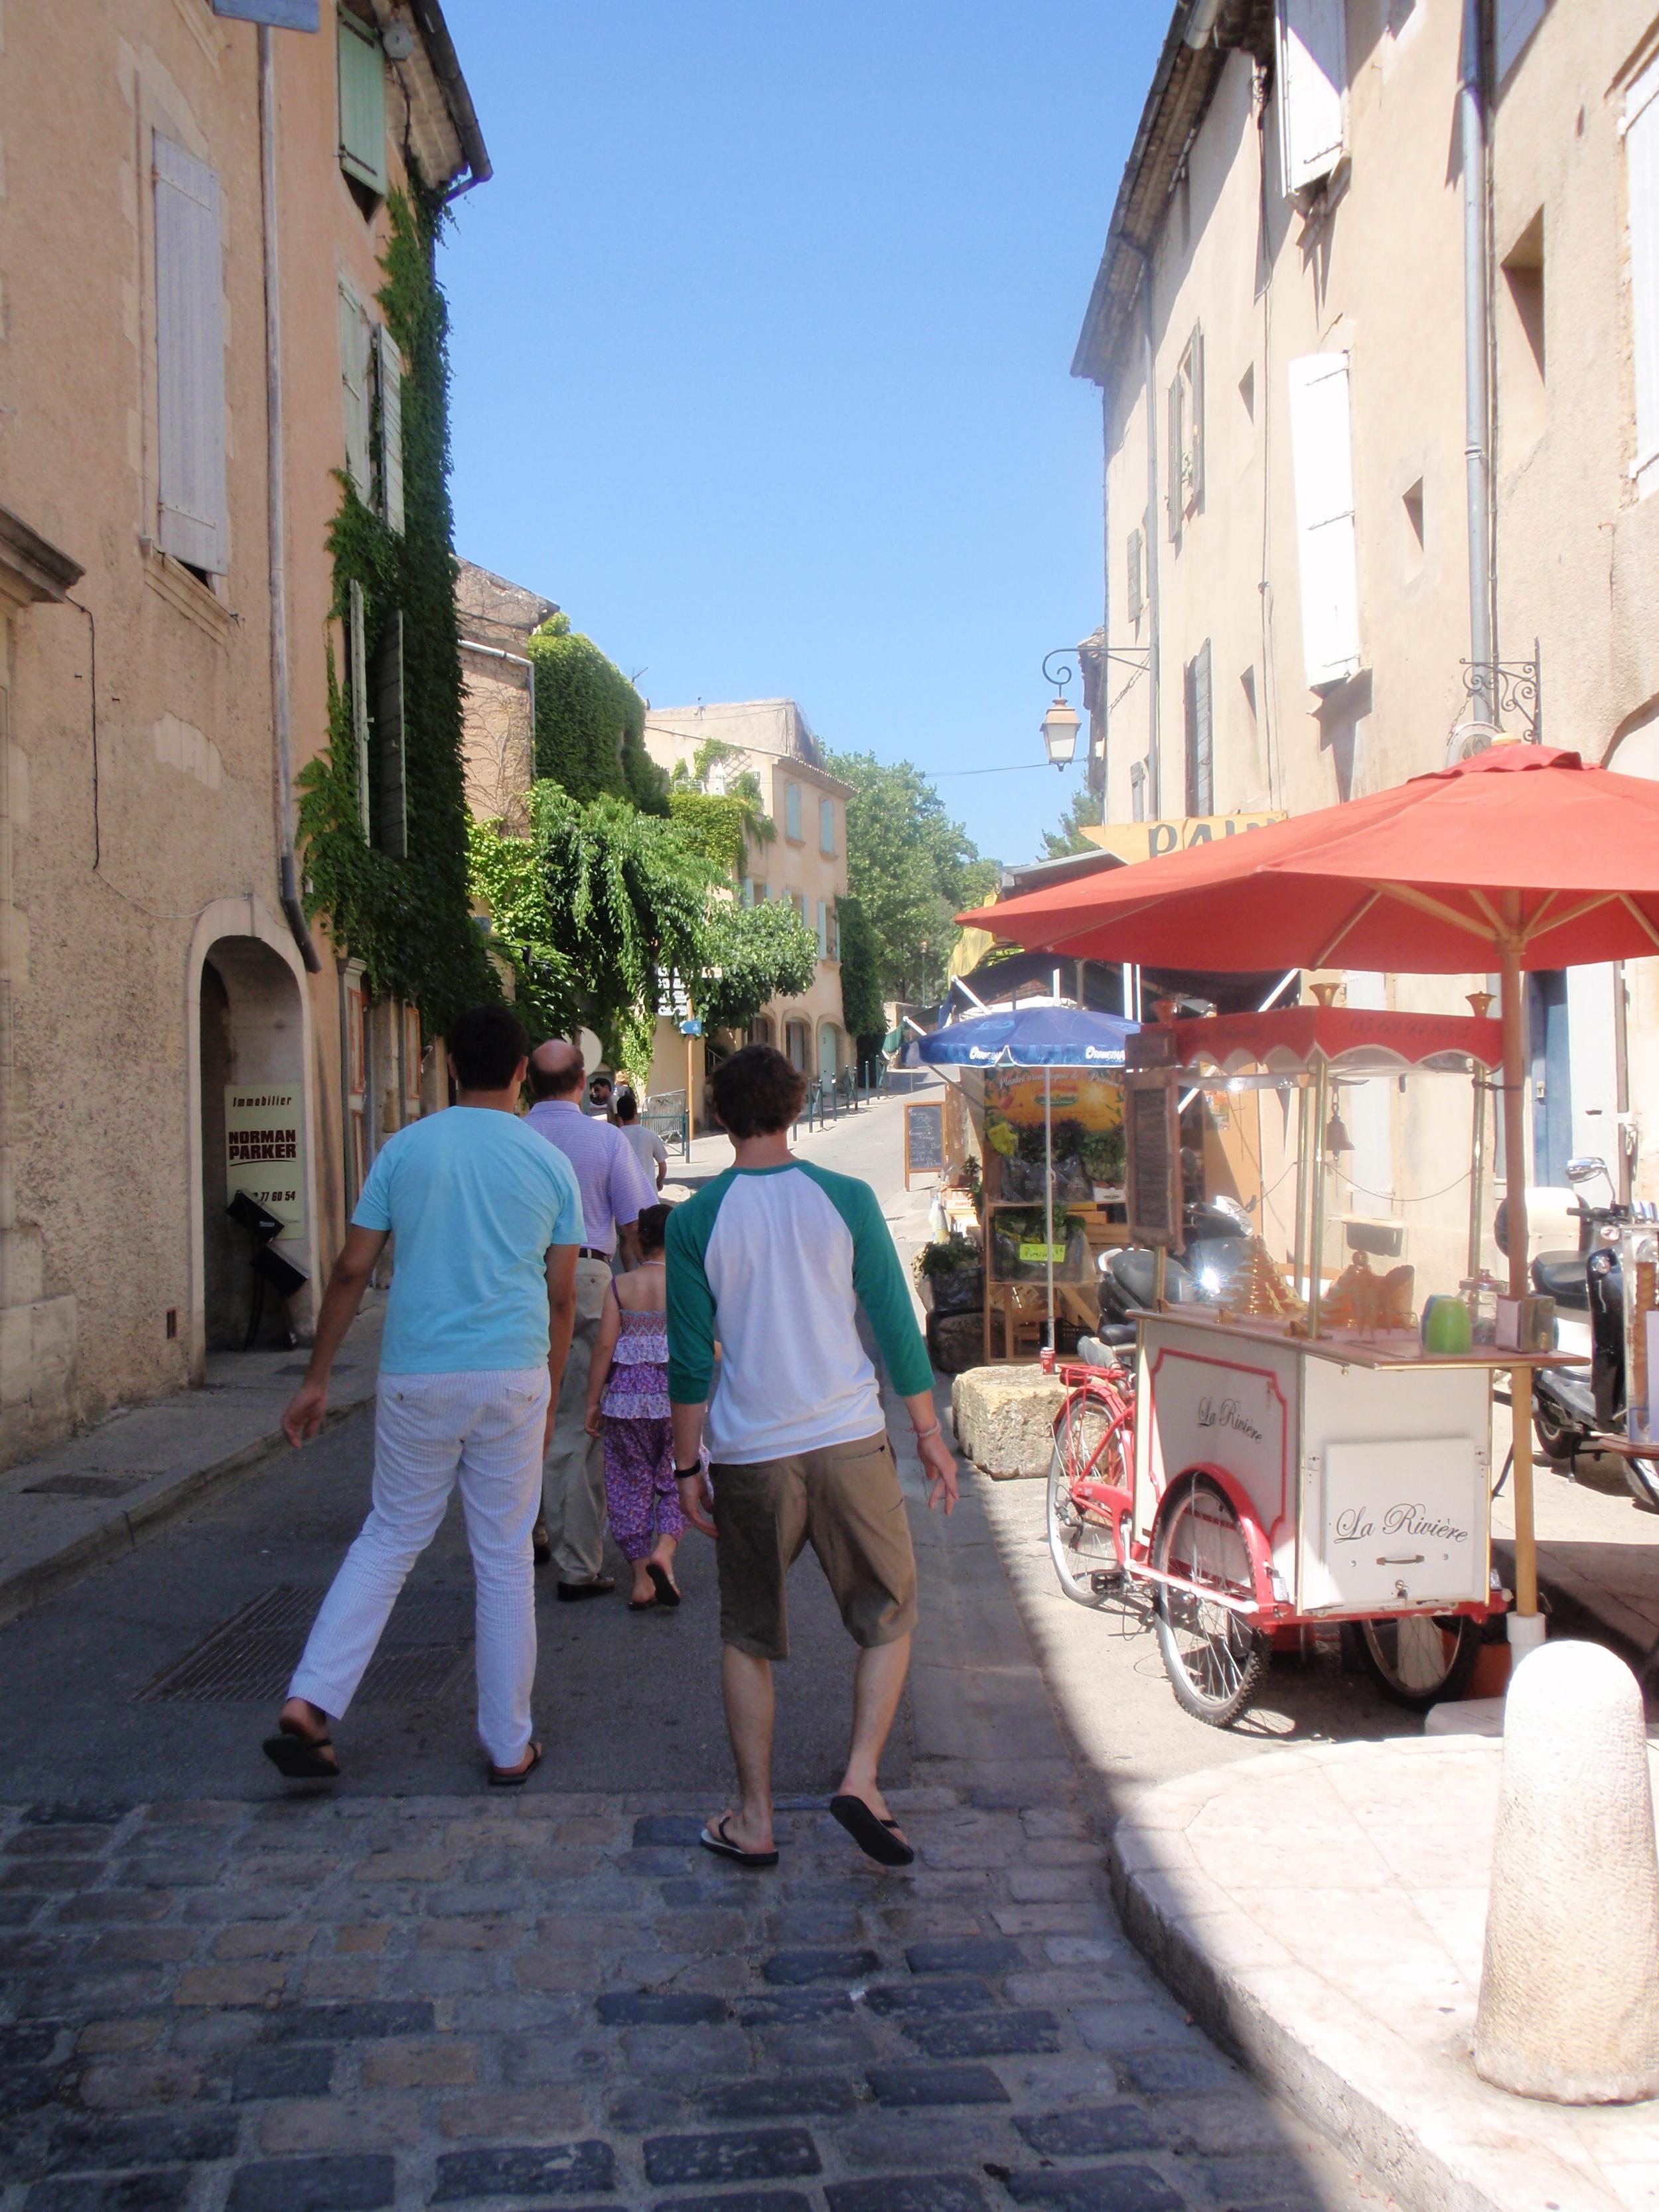 The gang in Lourmarin, France